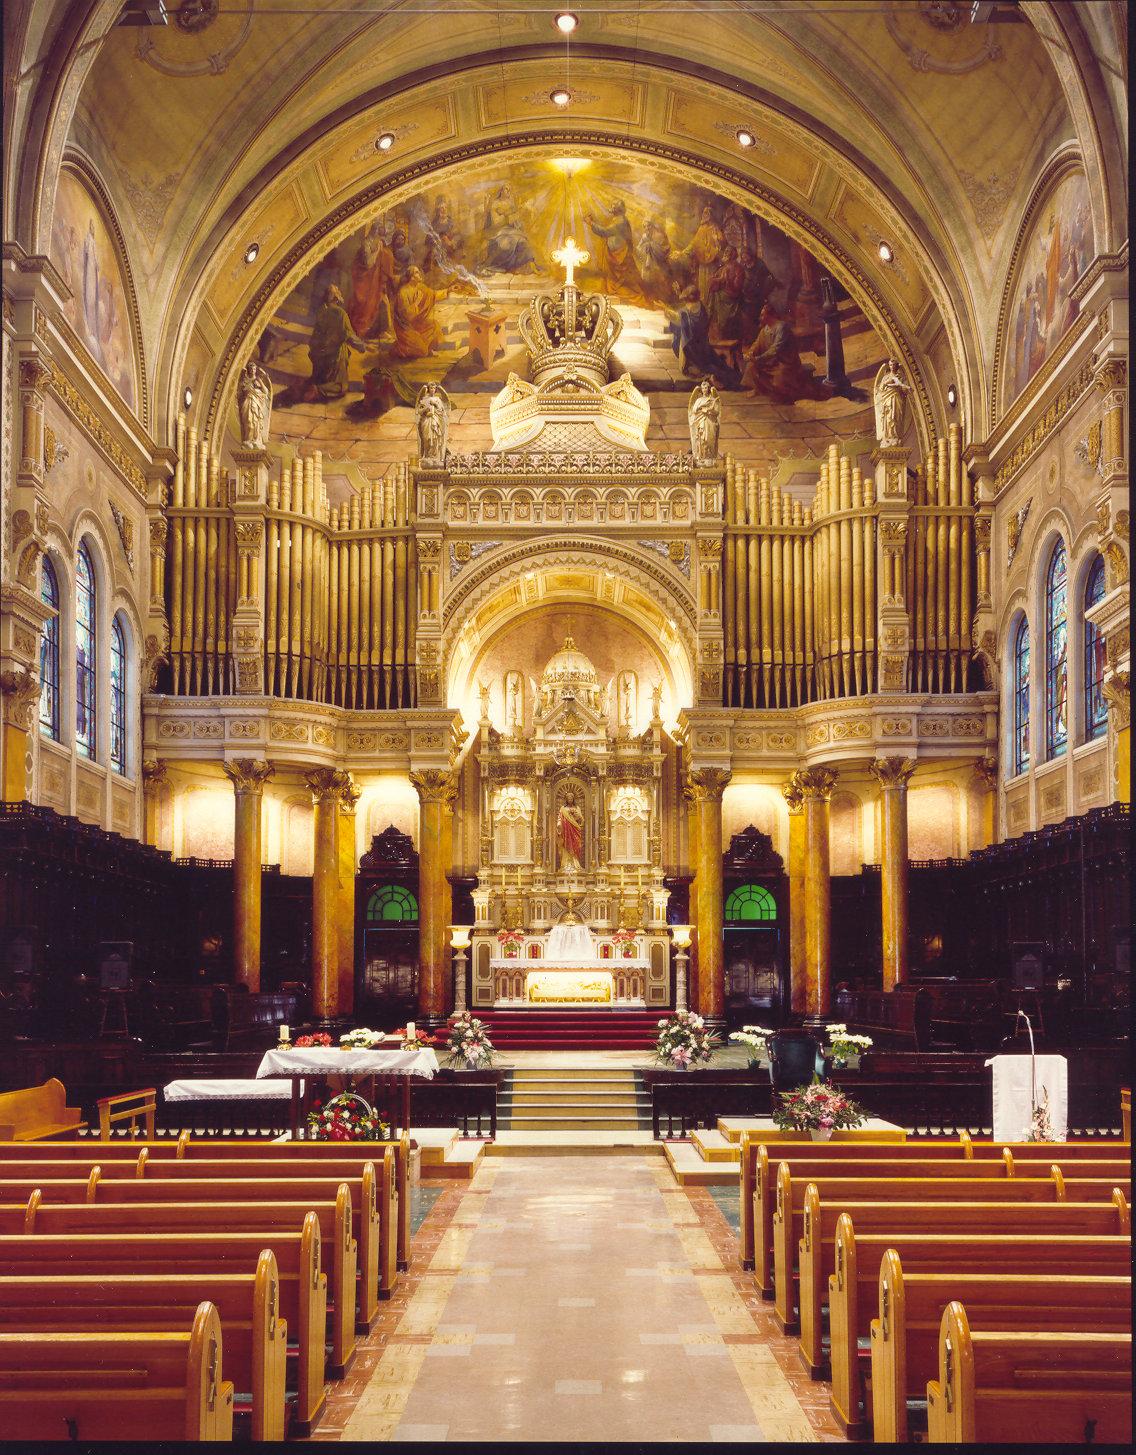 Orgue de choeur, Casavant Opus 600, 1915, église Très-Saint-Nom-de-Jésus, Montréal, QC